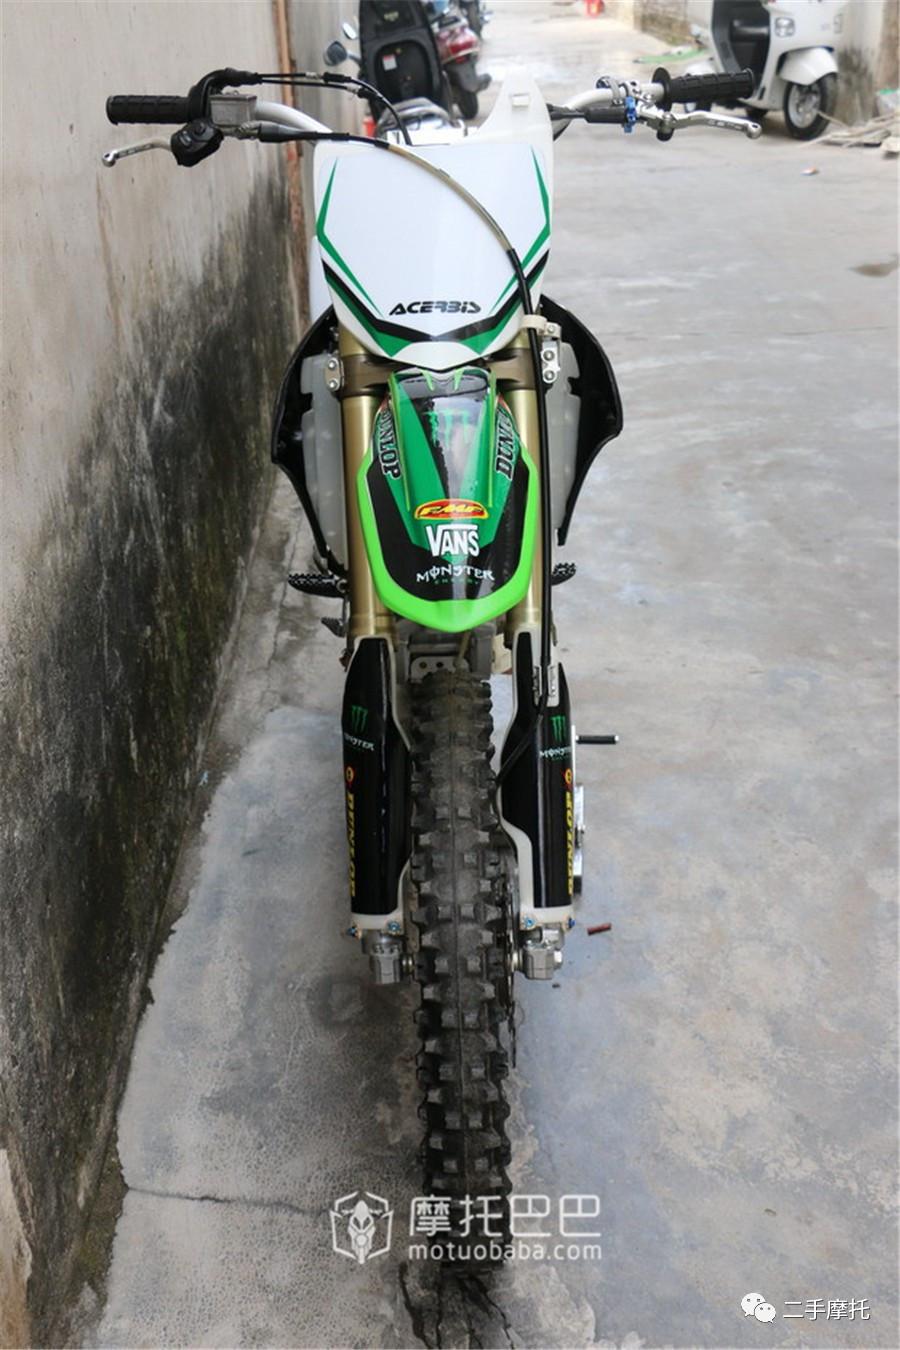 二手摩托 川崎 kx 250f 专业版场地越野摩托车-摩托巴